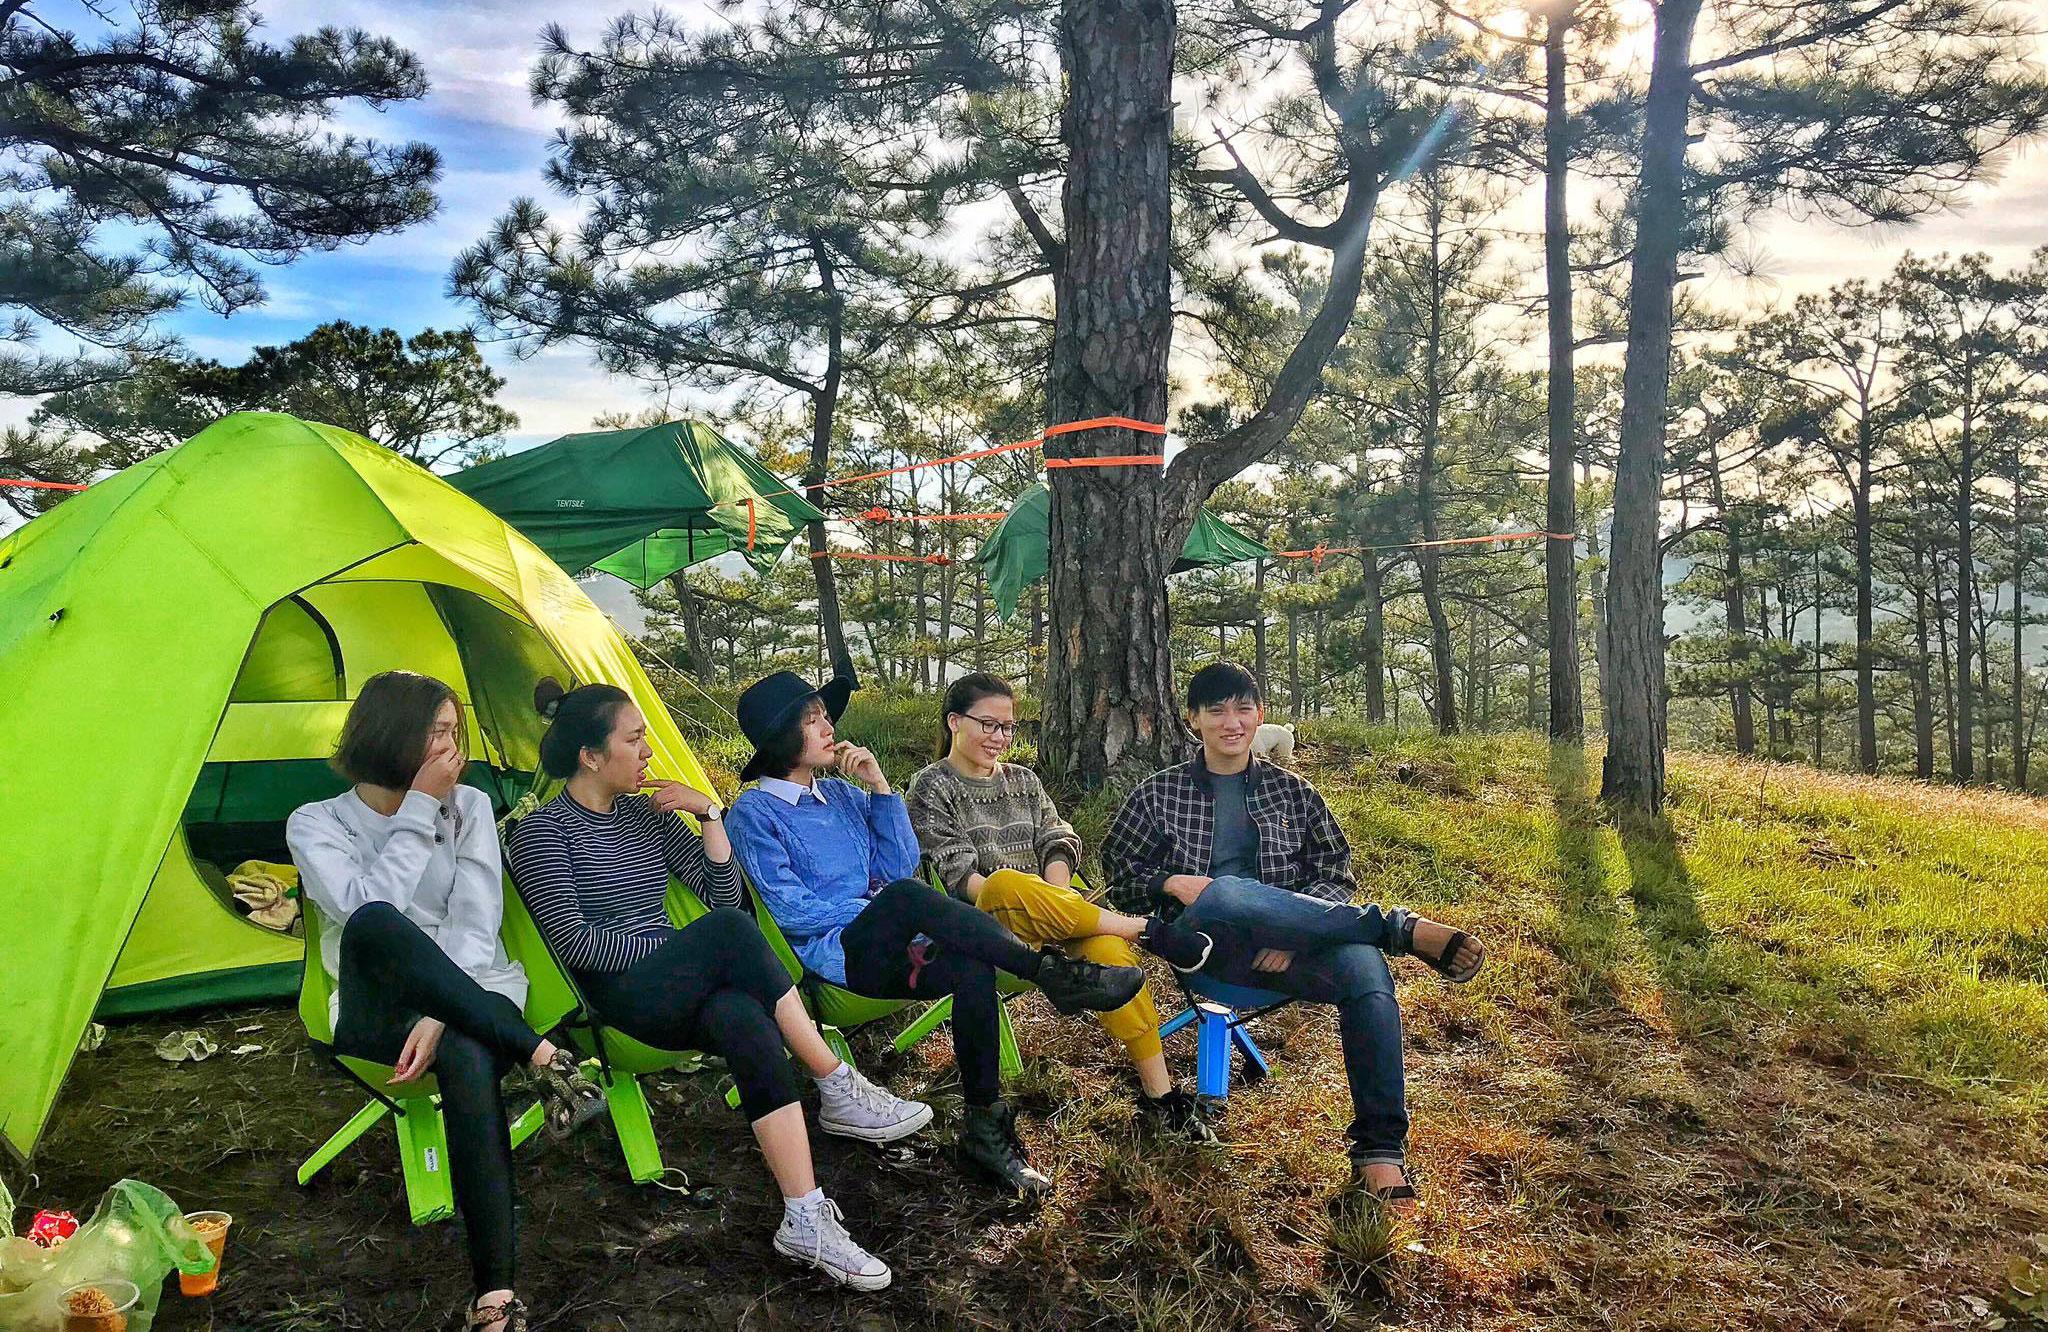 Hà Nội: Mách 3 địa điểm cắm trại cực nổi có dịch vụ trọn gói 2N1Đ cho gia đình 4 người, giá không quá 2 triệu đồng  - Ảnh 8.